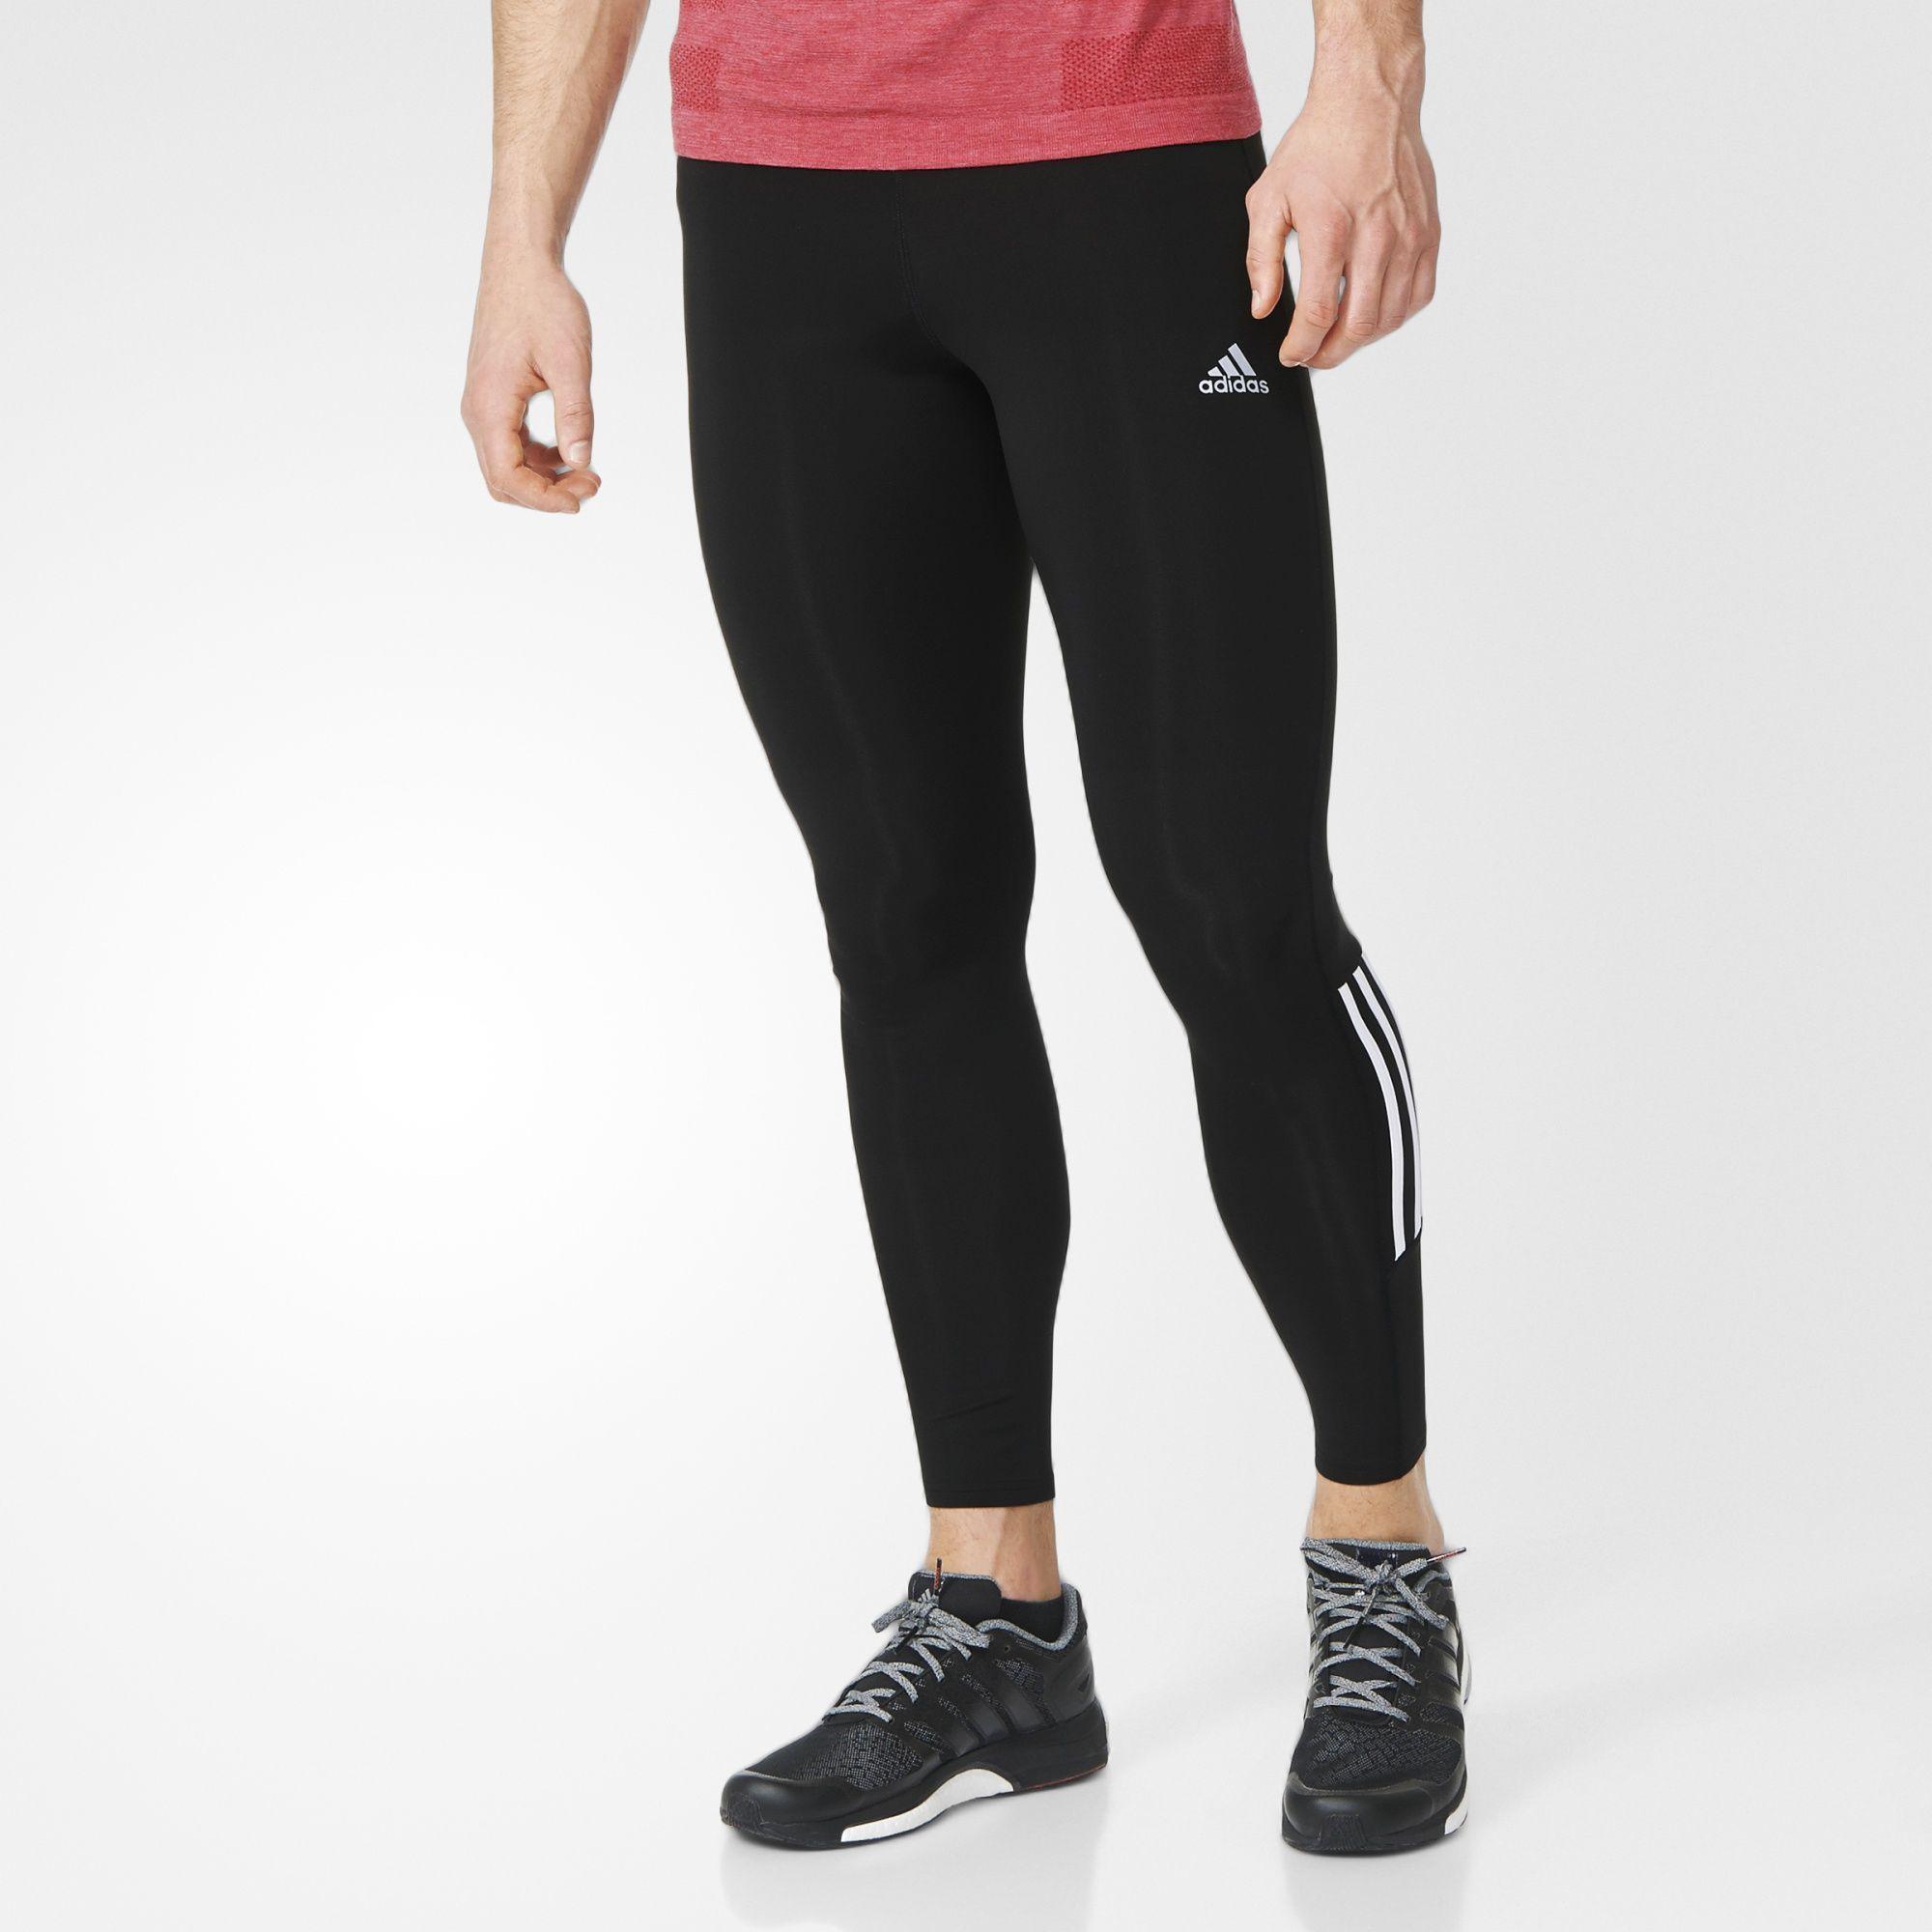 Ambicioso Puñalada esquina  adidas - Mallas Largas para Correr Ozweego | Ropa deportiva, Vestuarios  deportivos, Moda deportiva para mujer